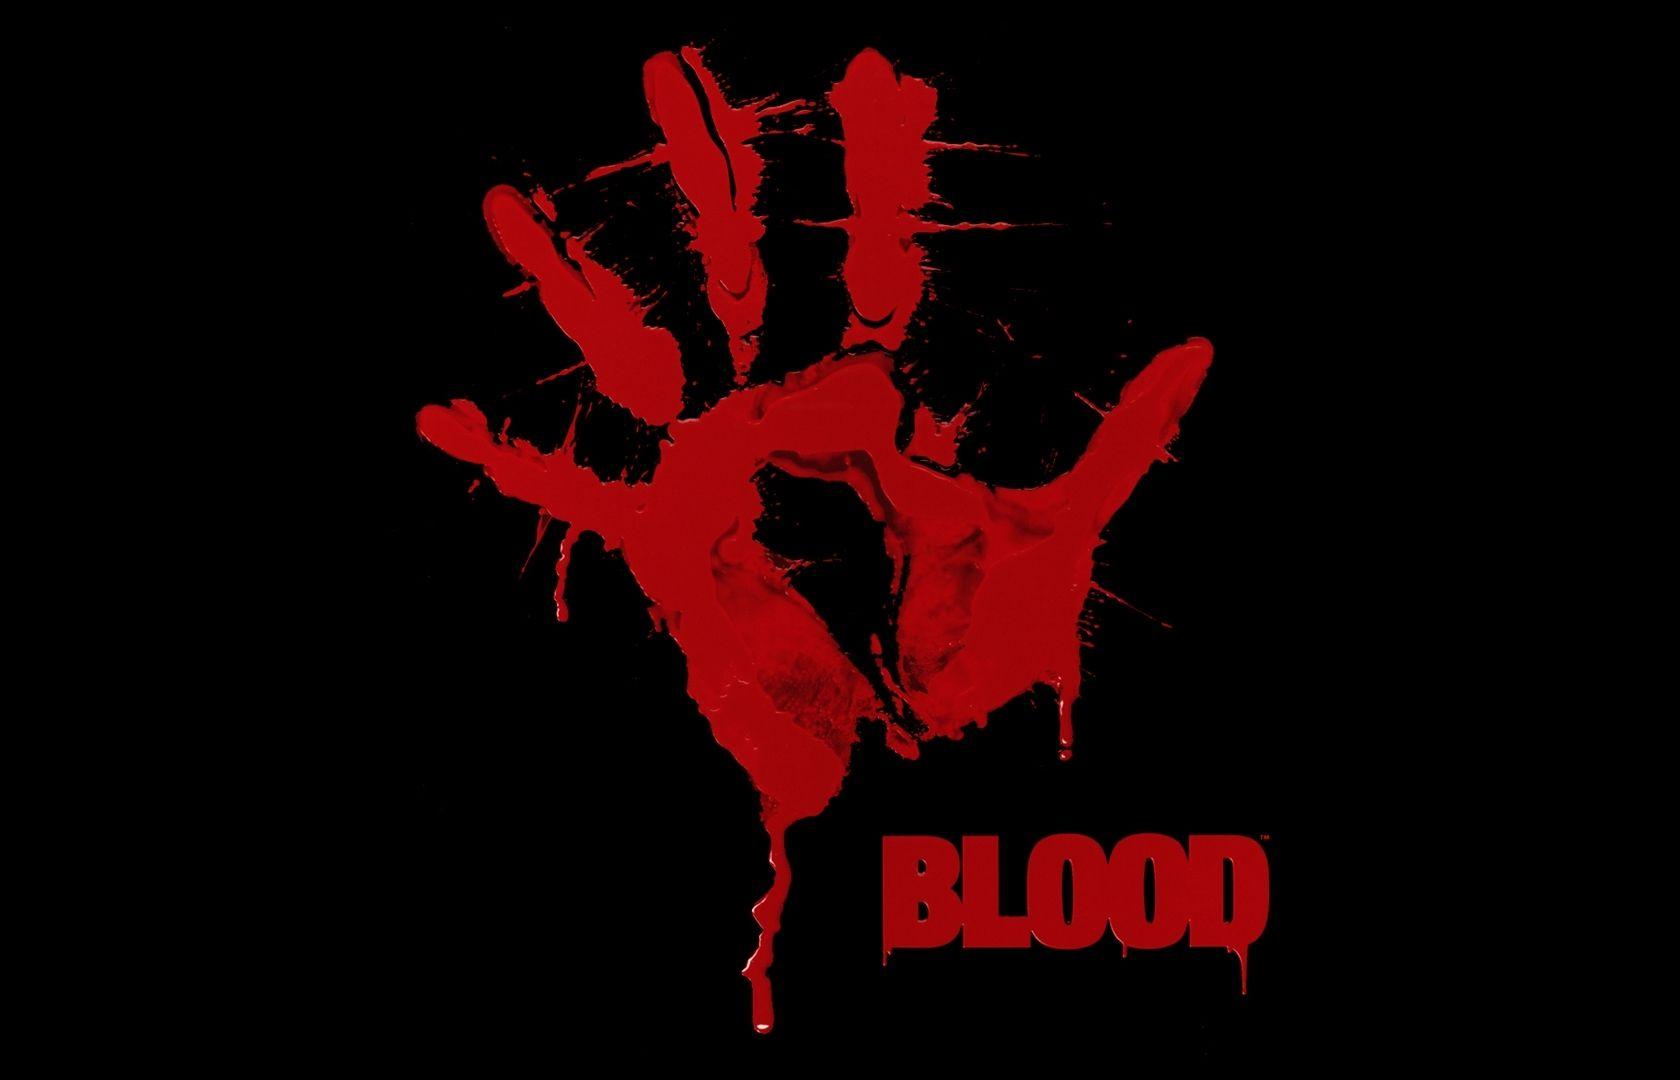 Арт к игре Blood